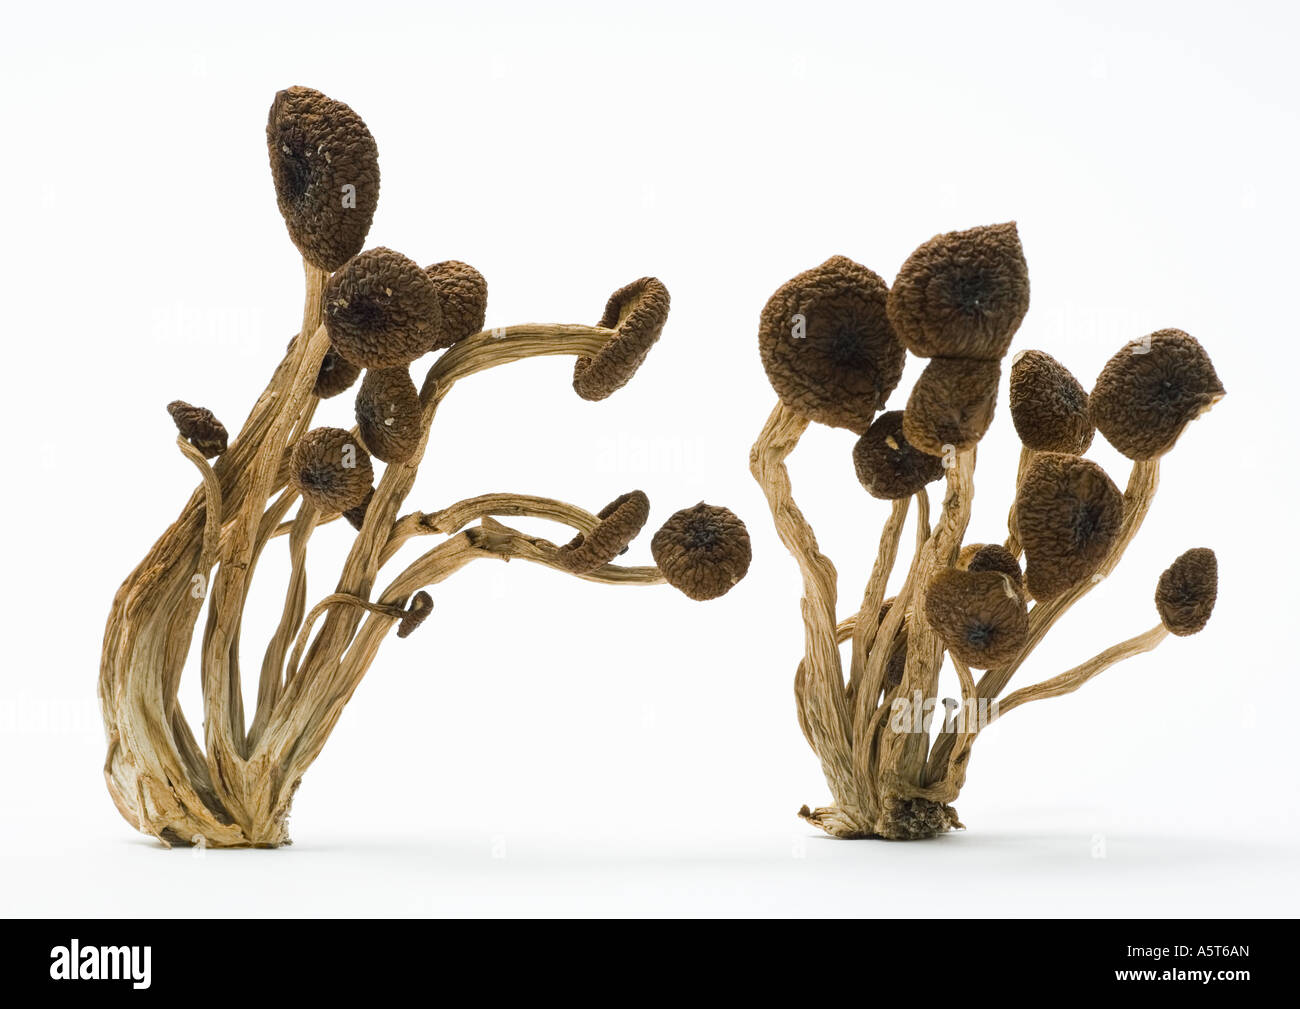 Shimeji mushrooms - Stock Image